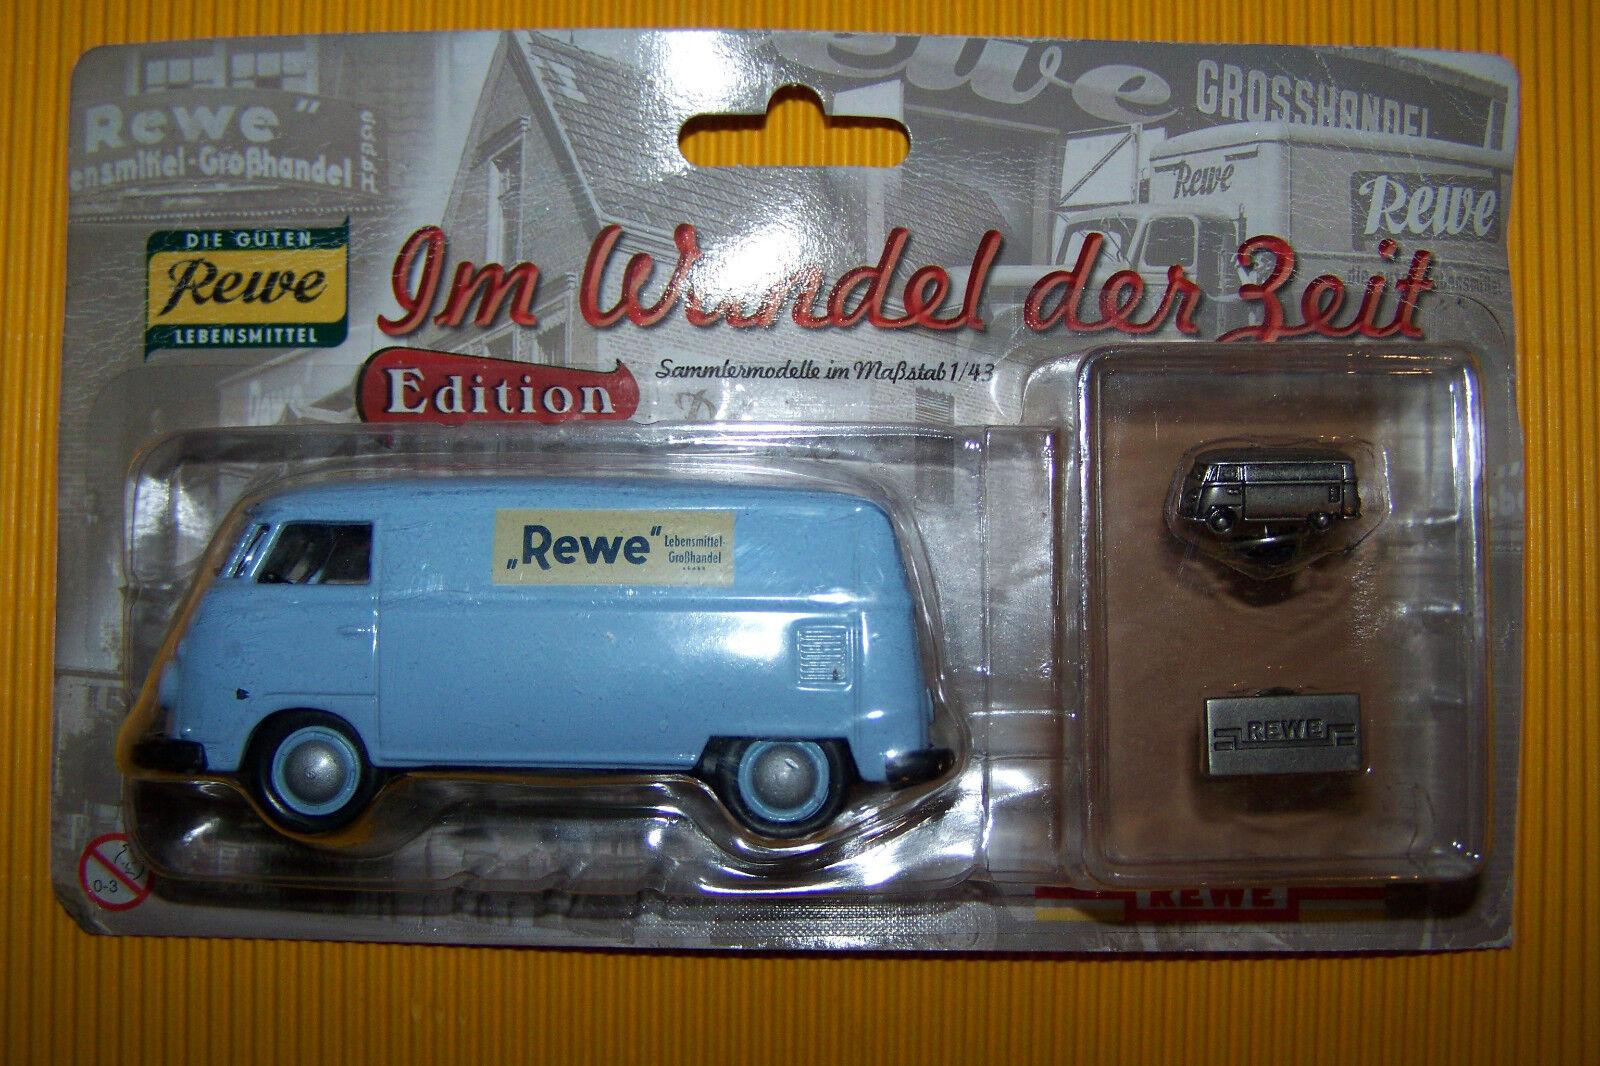 VW camionnette t1 1 43 Camionnette 1 220 Z REWE REWE REWE en mutation du temps NEUFS En parfait état, dans sa boîte fd74a2